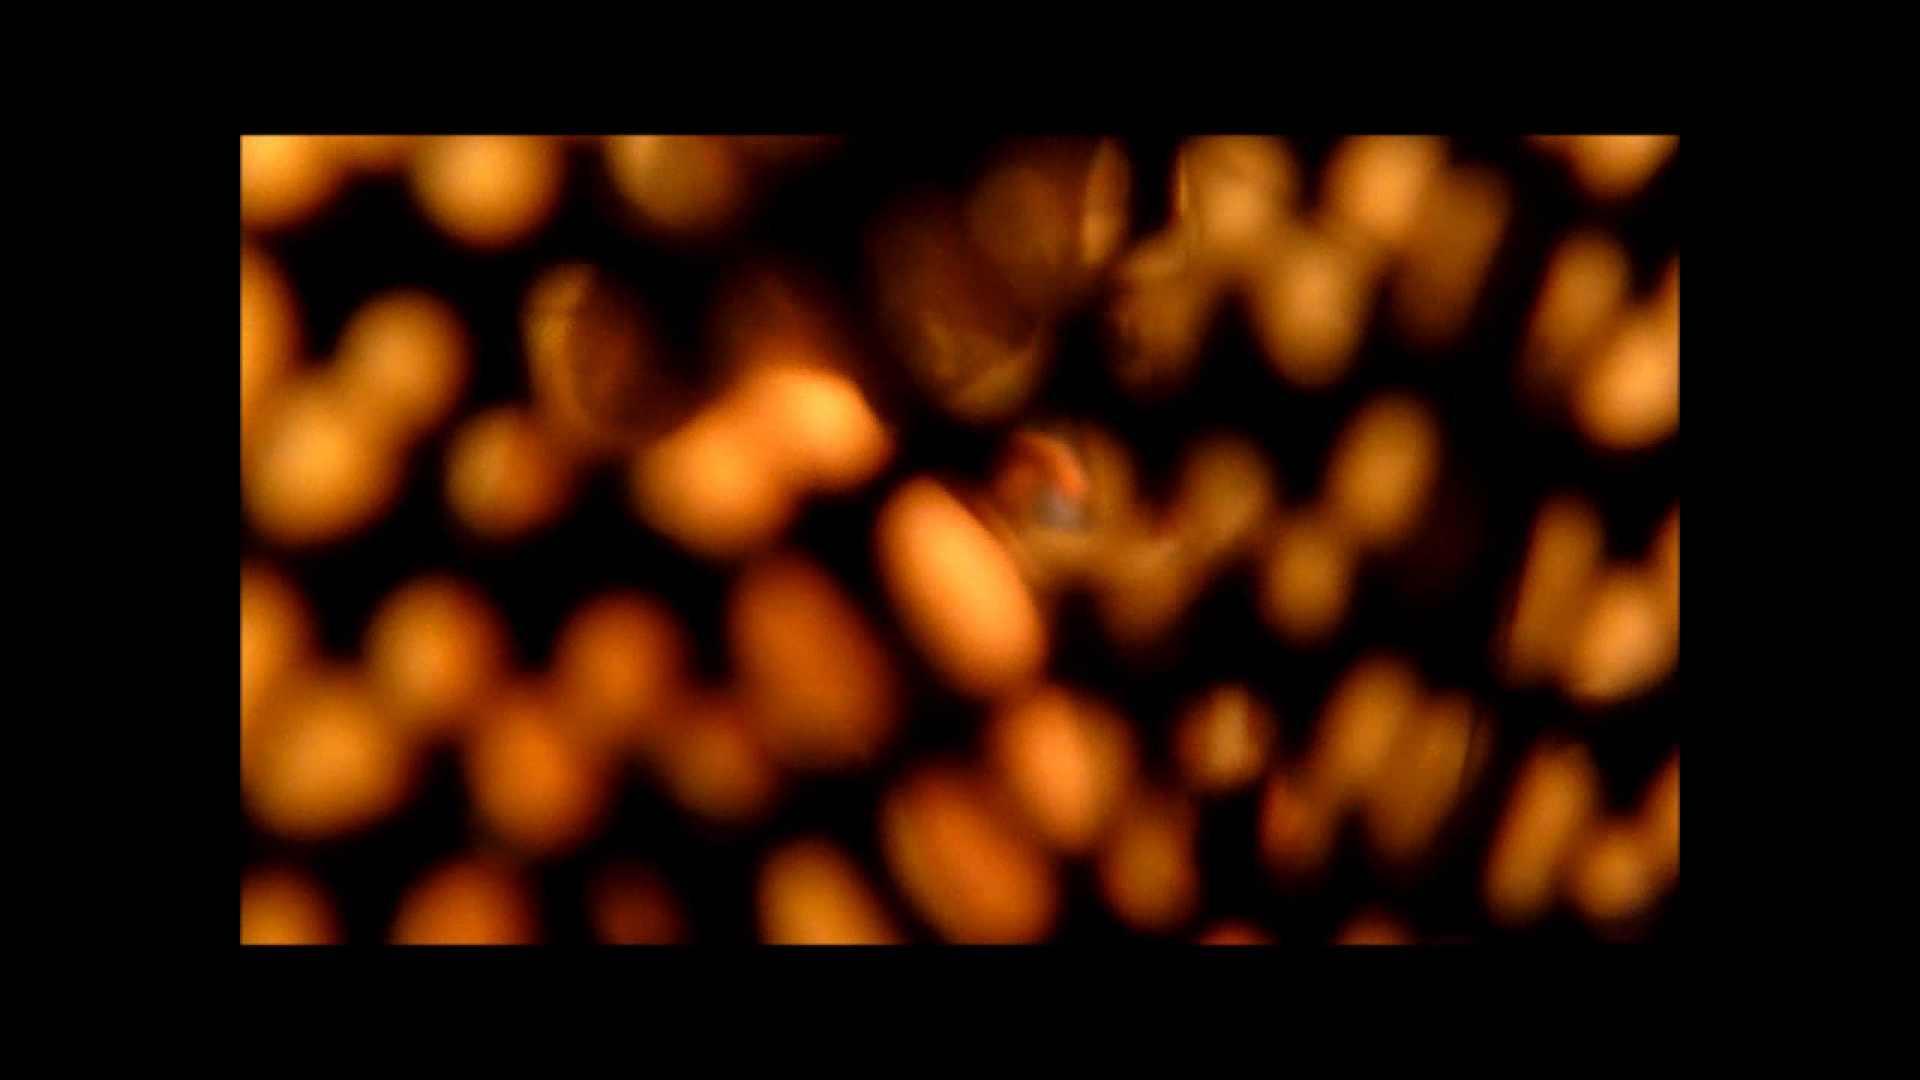 【02】ベランダに侵入して張り込みを始めて・・・やっと結果が出ました。 覗き ヌード画像 79pic 29